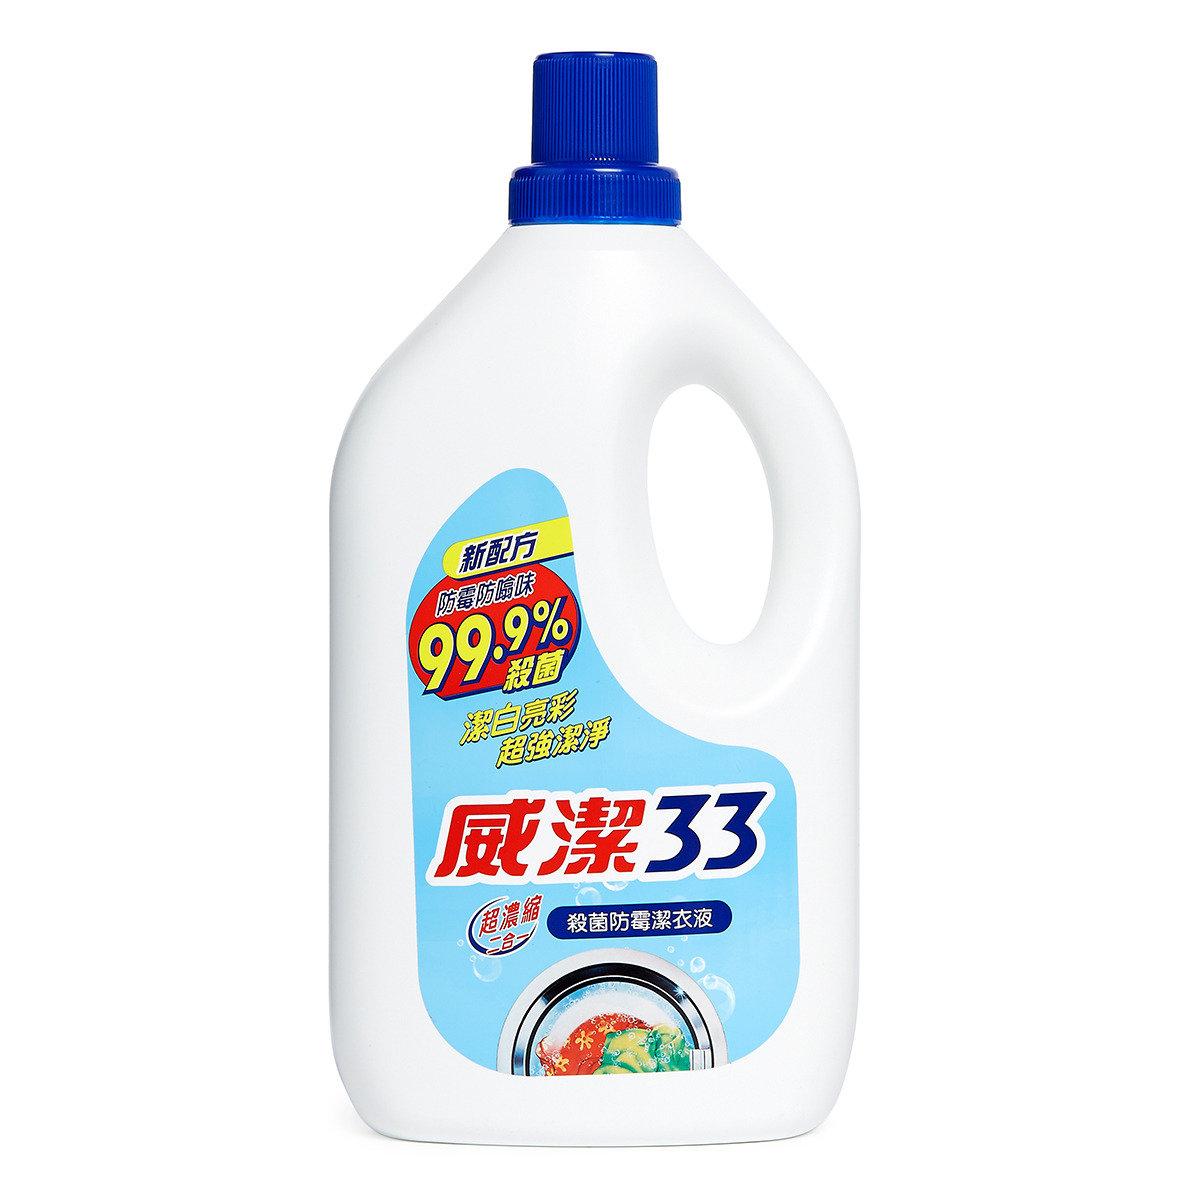 超濃縮二合一殺菌防霉潔衣液